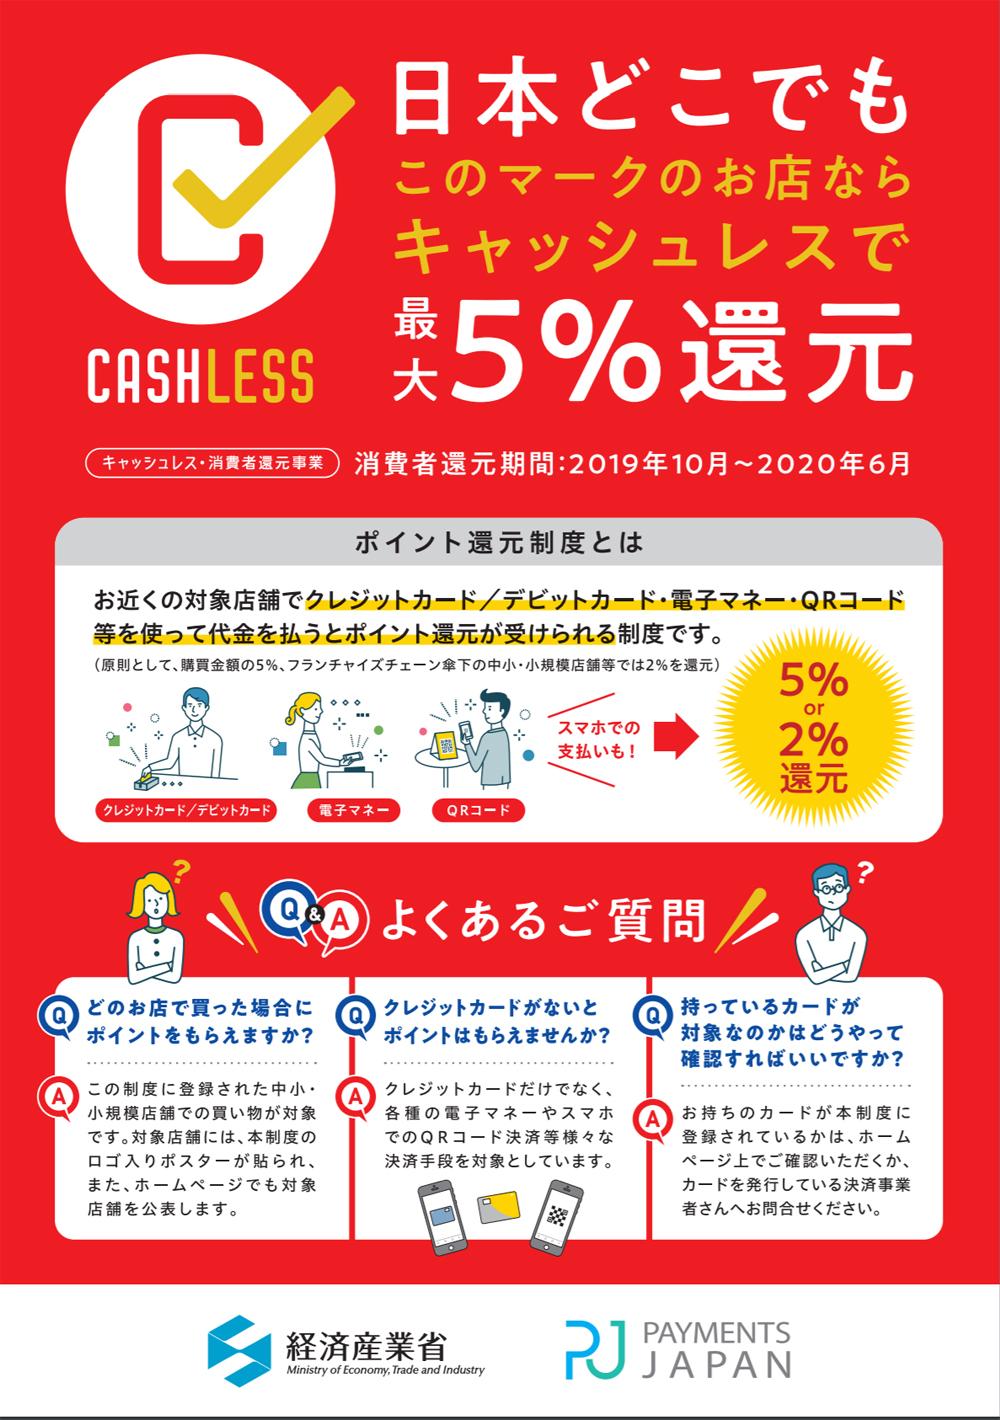 キャッシュ レス 還元 消費 税